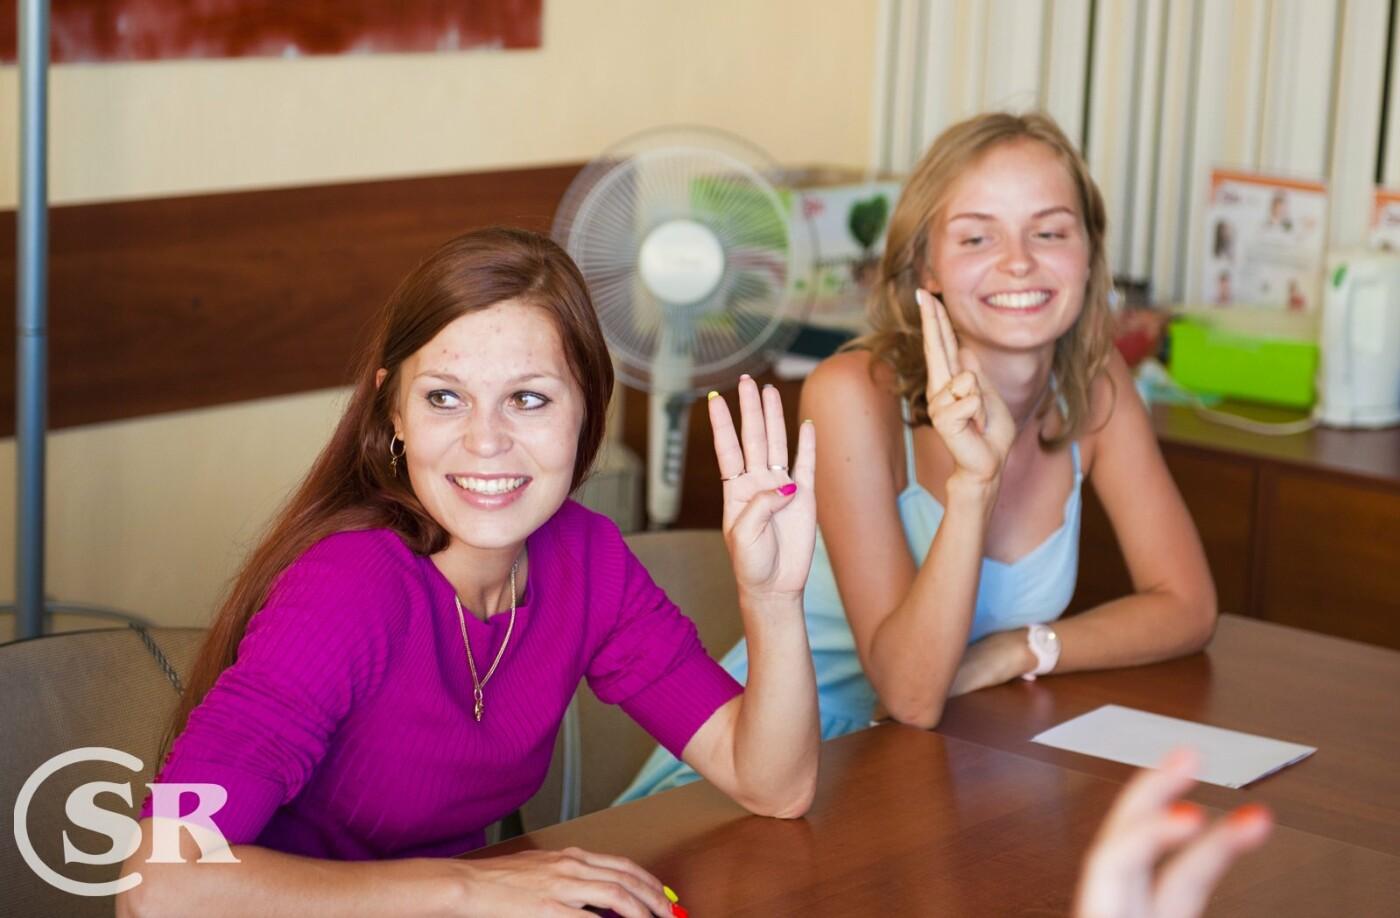 Курсы английского в Харькове для детей и взрослых. Пройди тесты на знание английского, фото-74